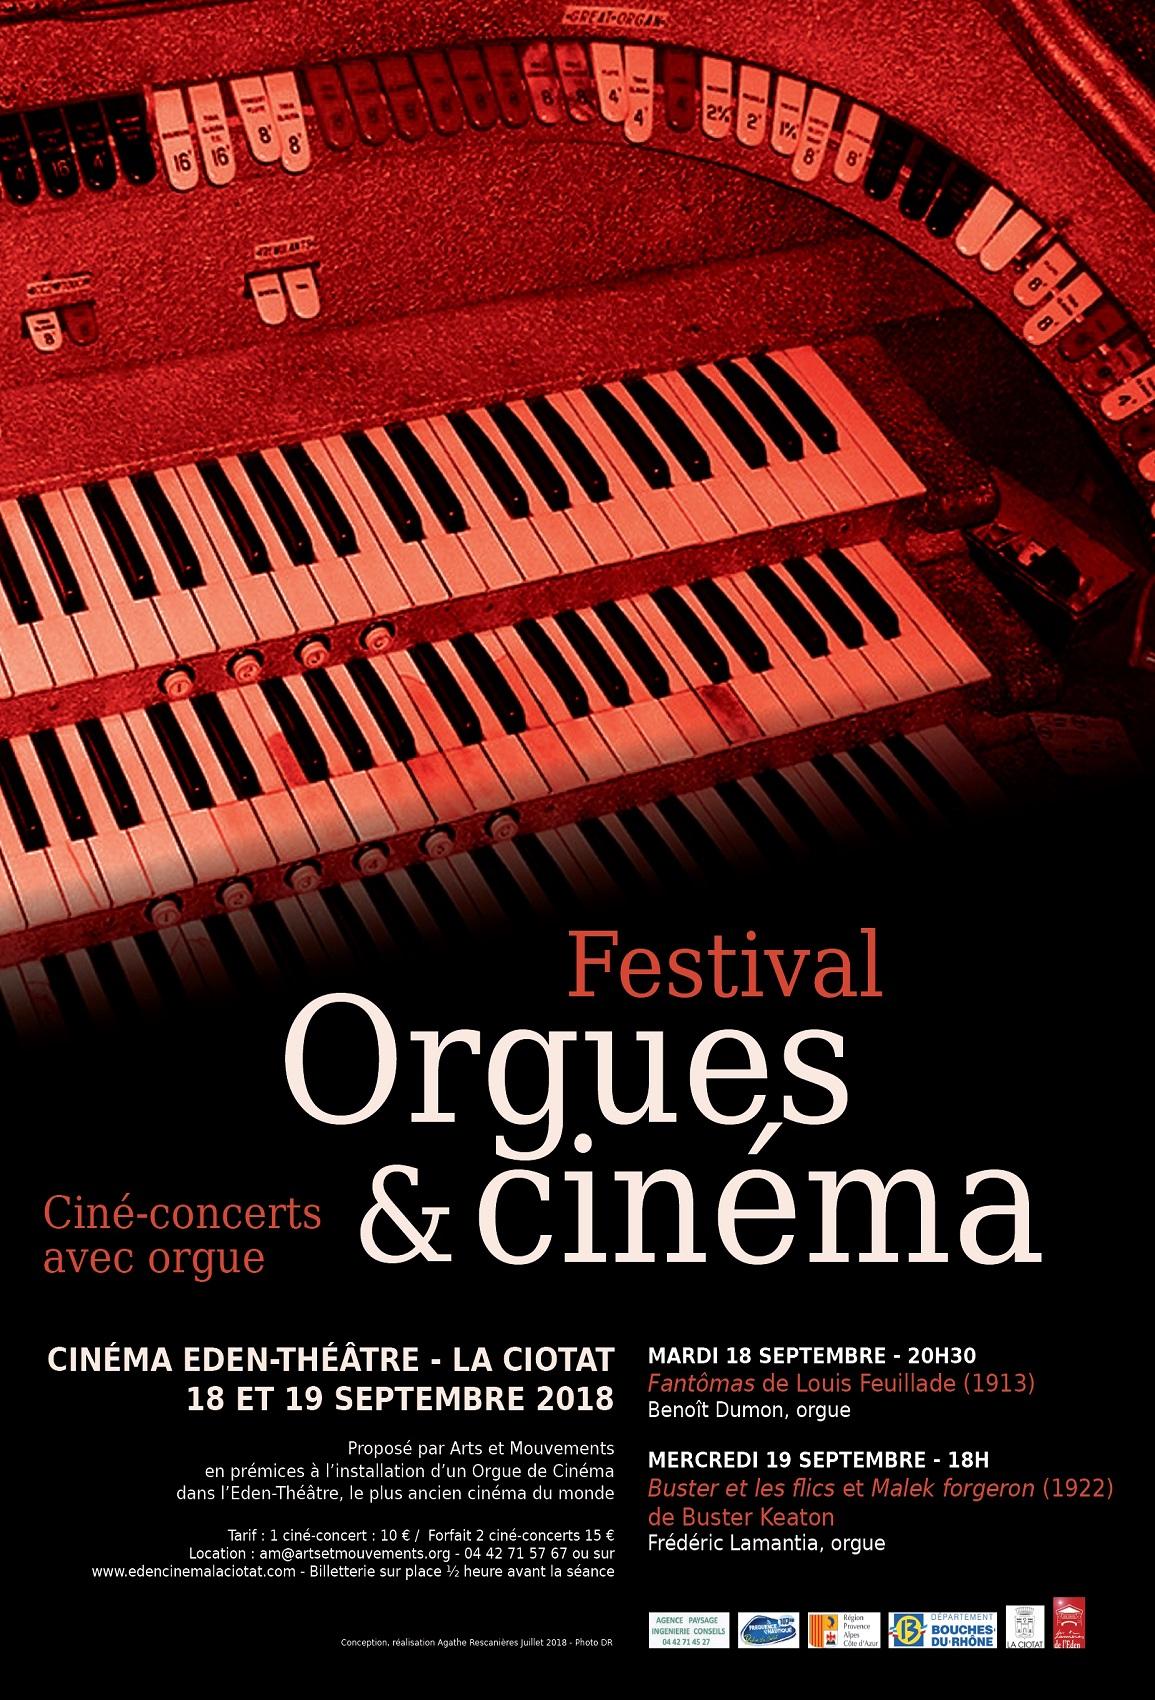 Affiche Festival Orgues et cinema 2018